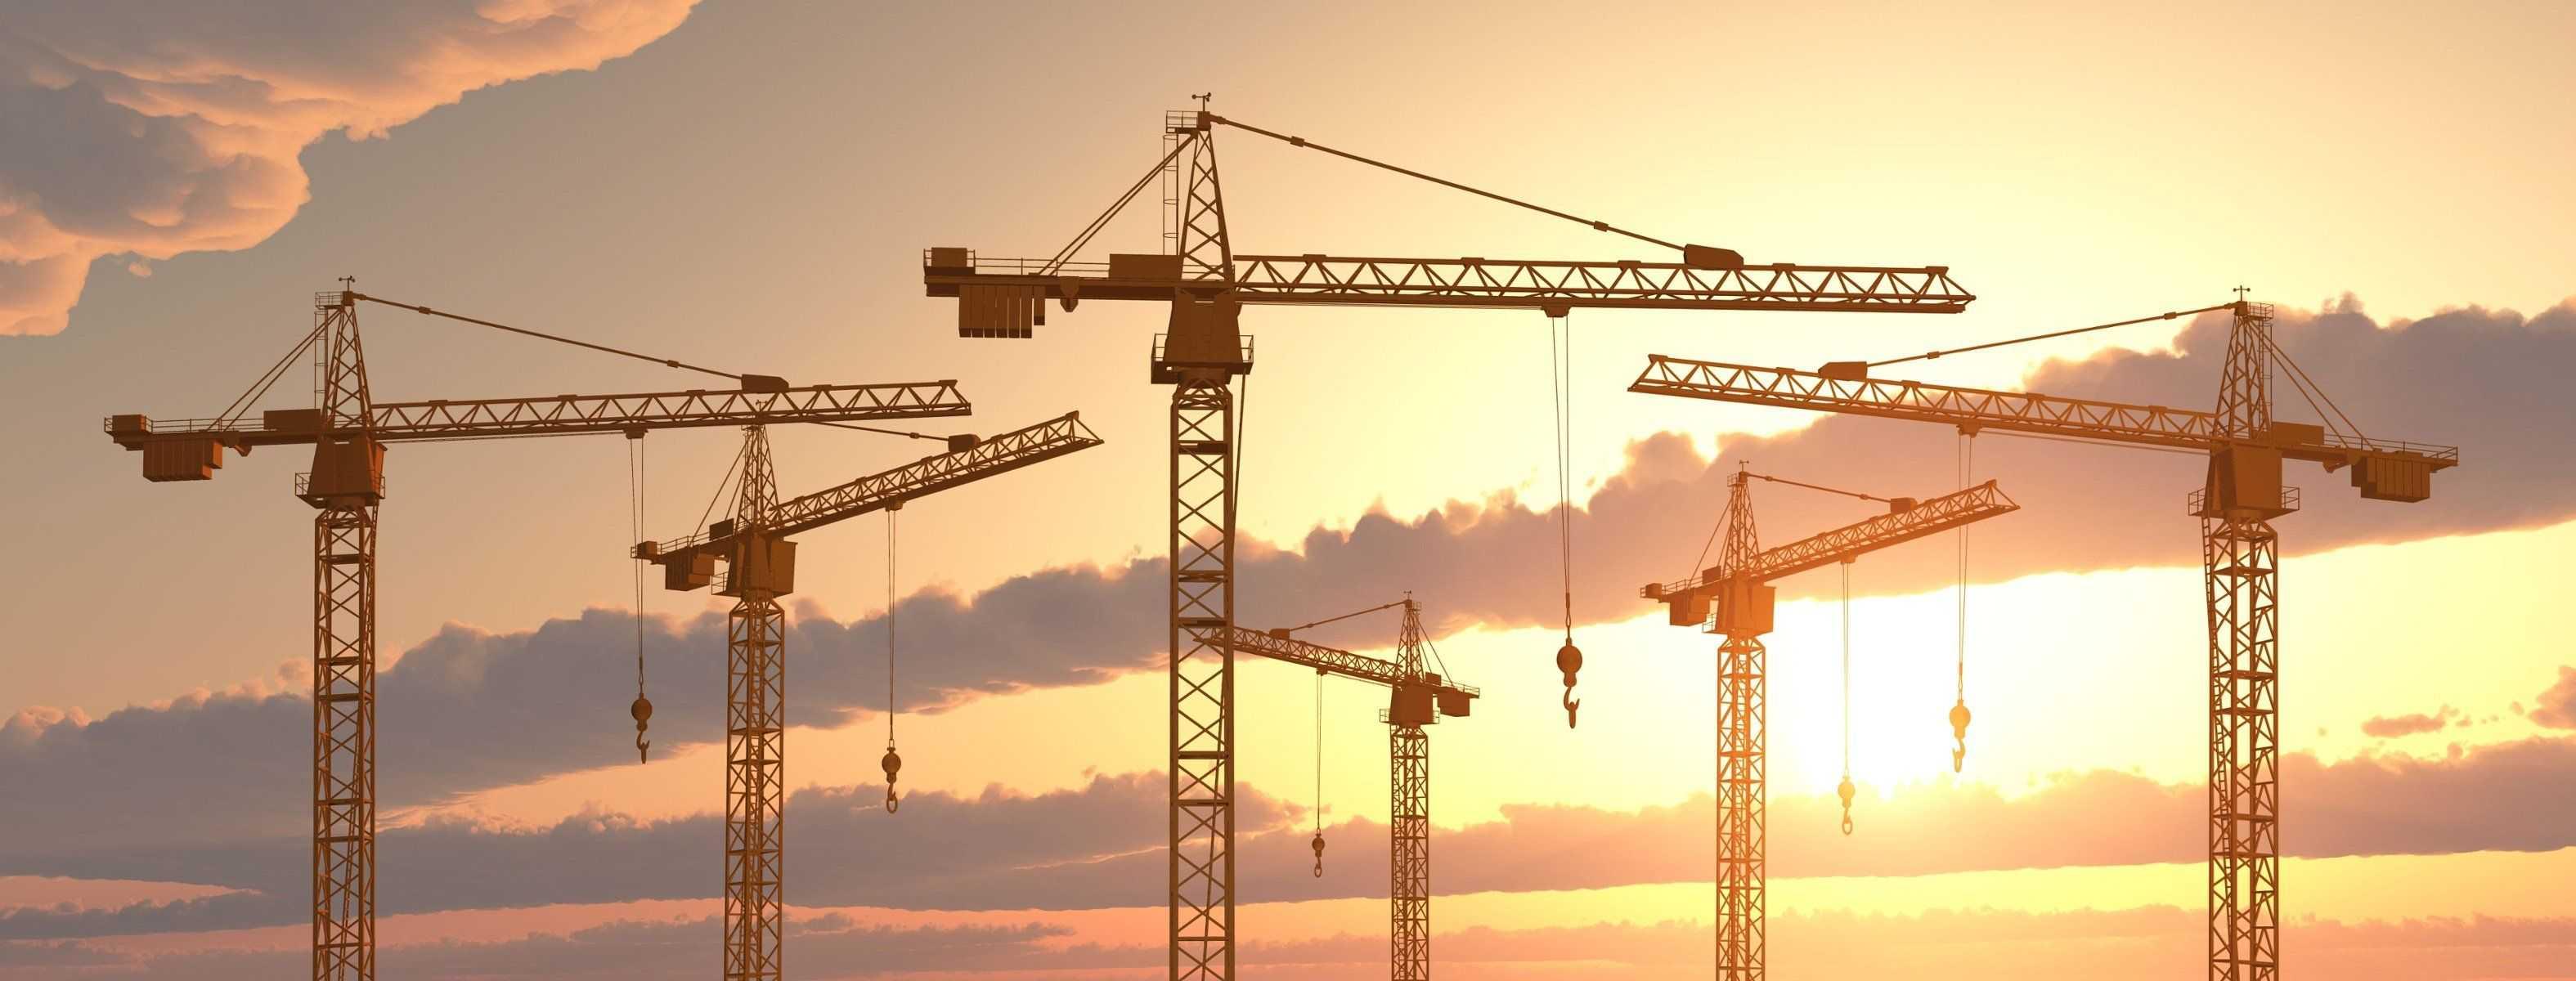 03 Bauindustrie-3